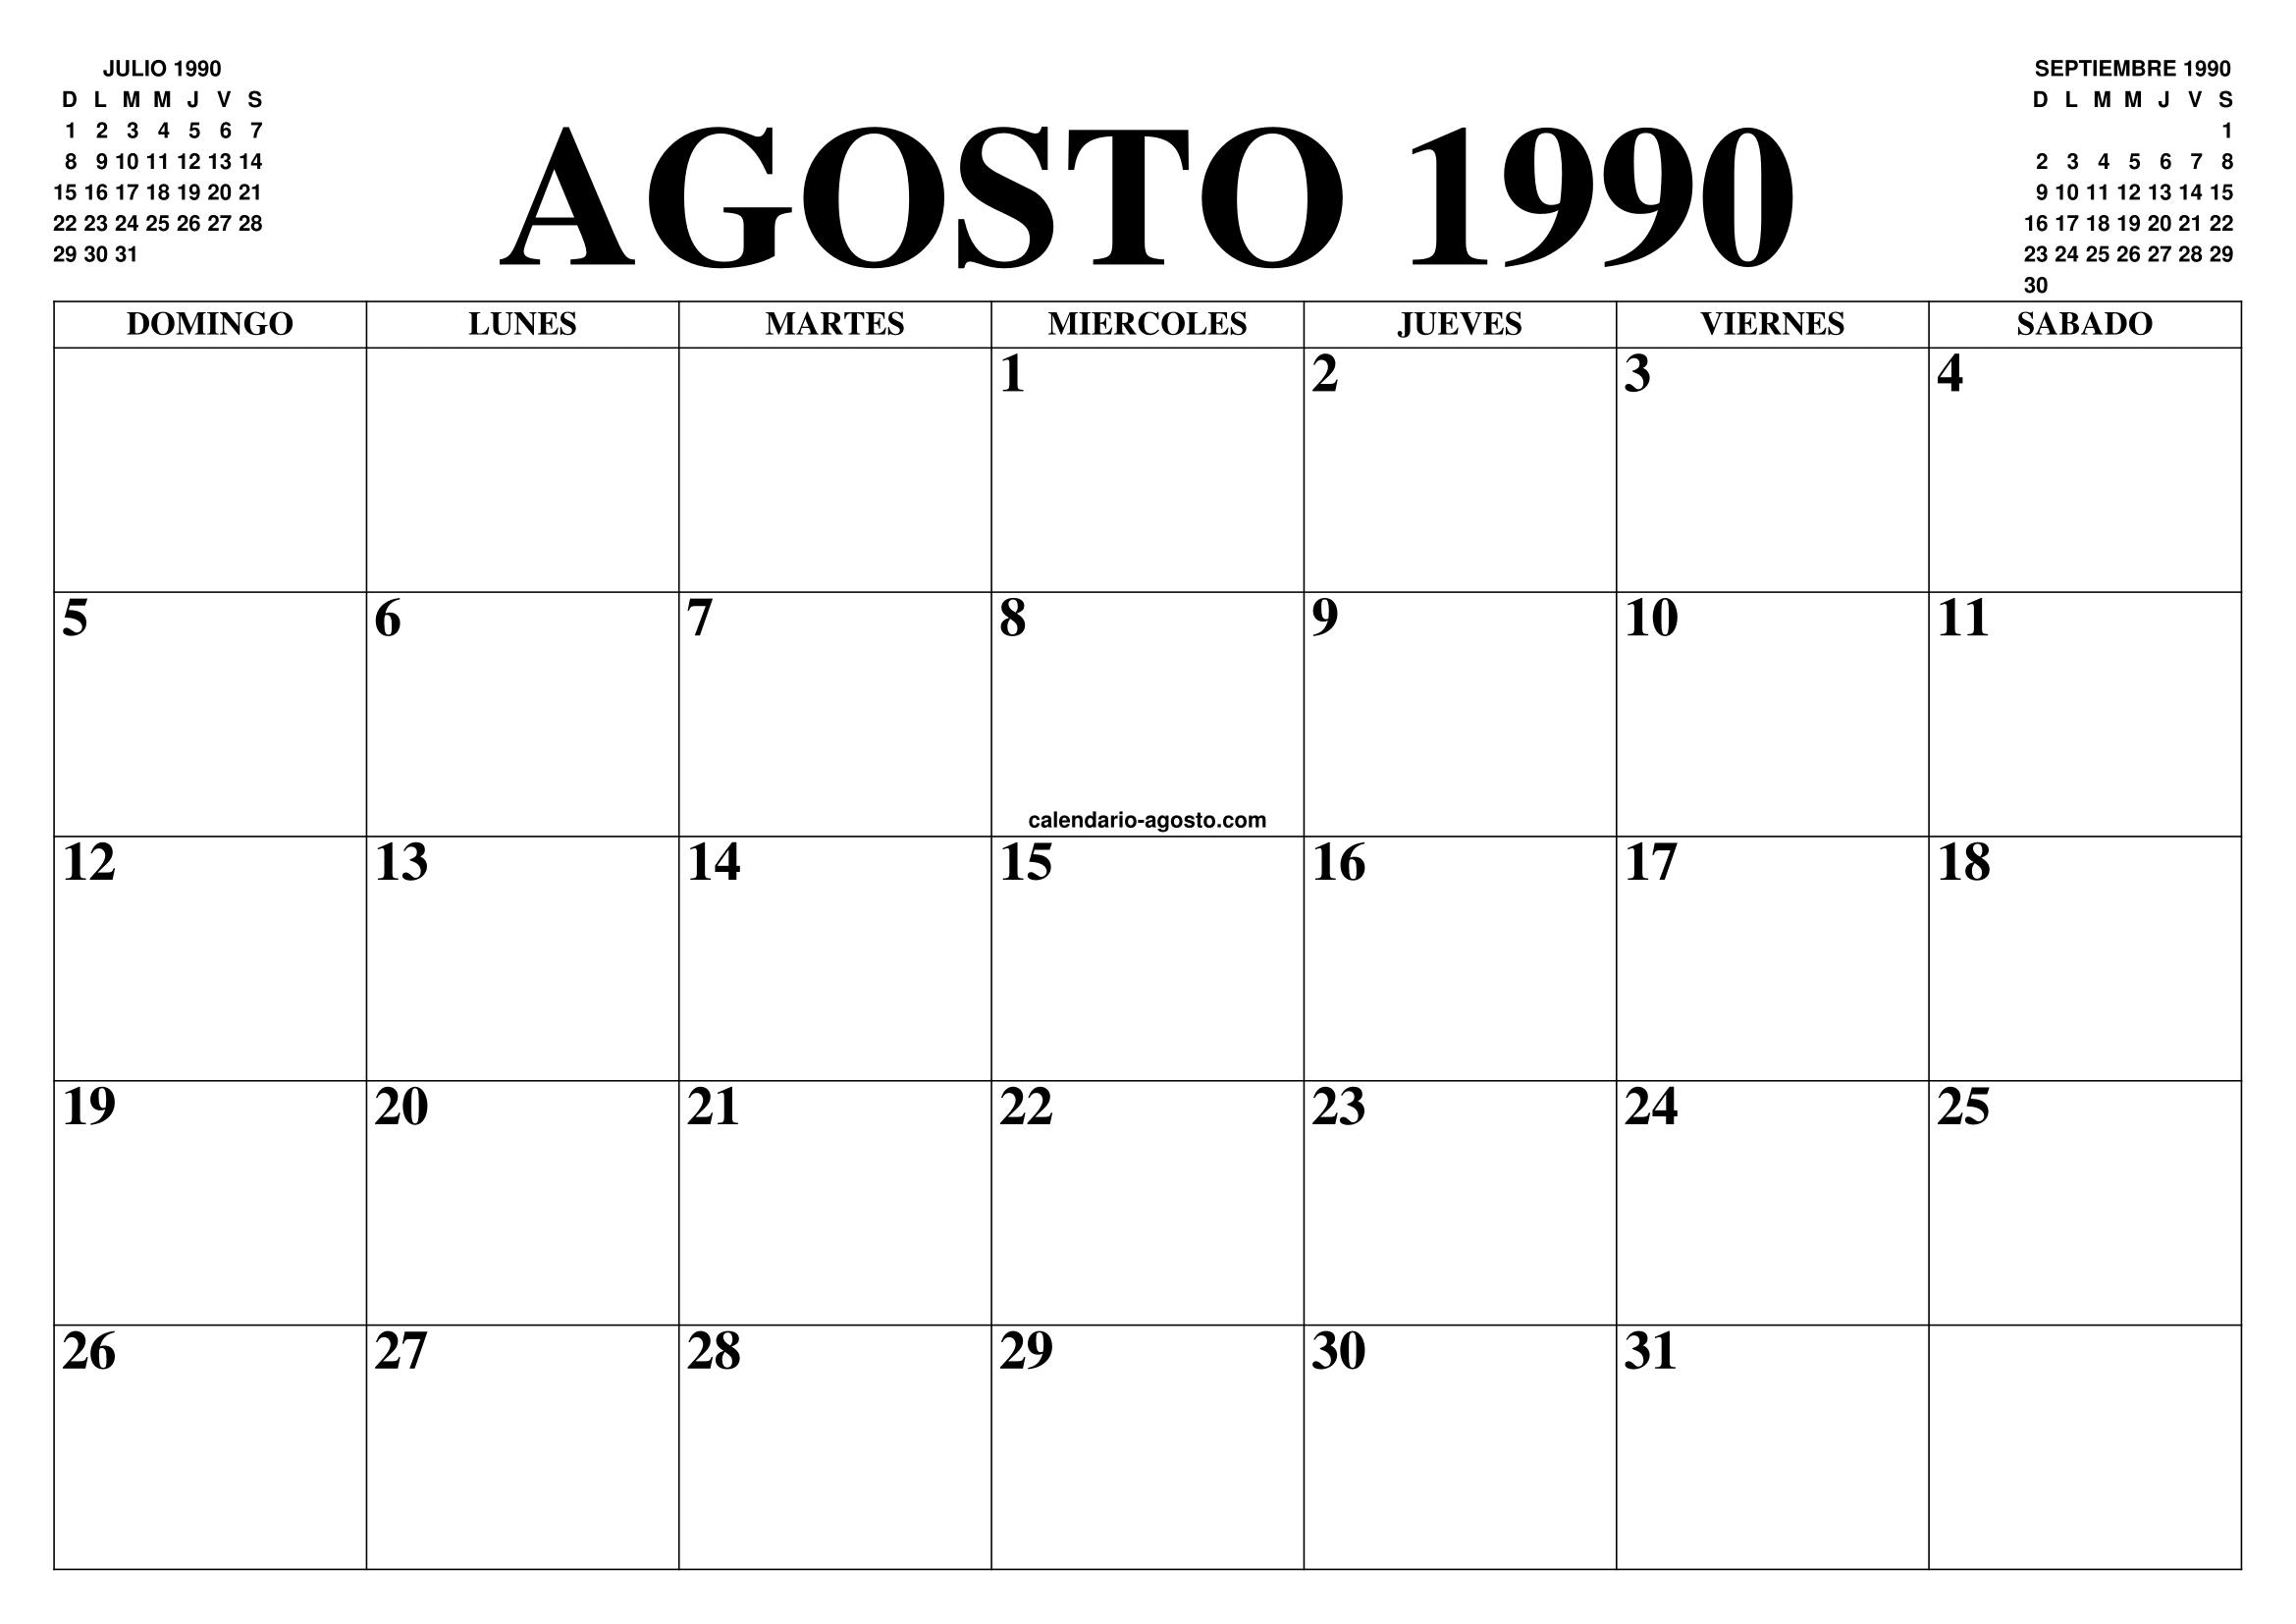 1990 Calendario.Calendario Agosto 1990 El Calendario Agosto Para Imprimir